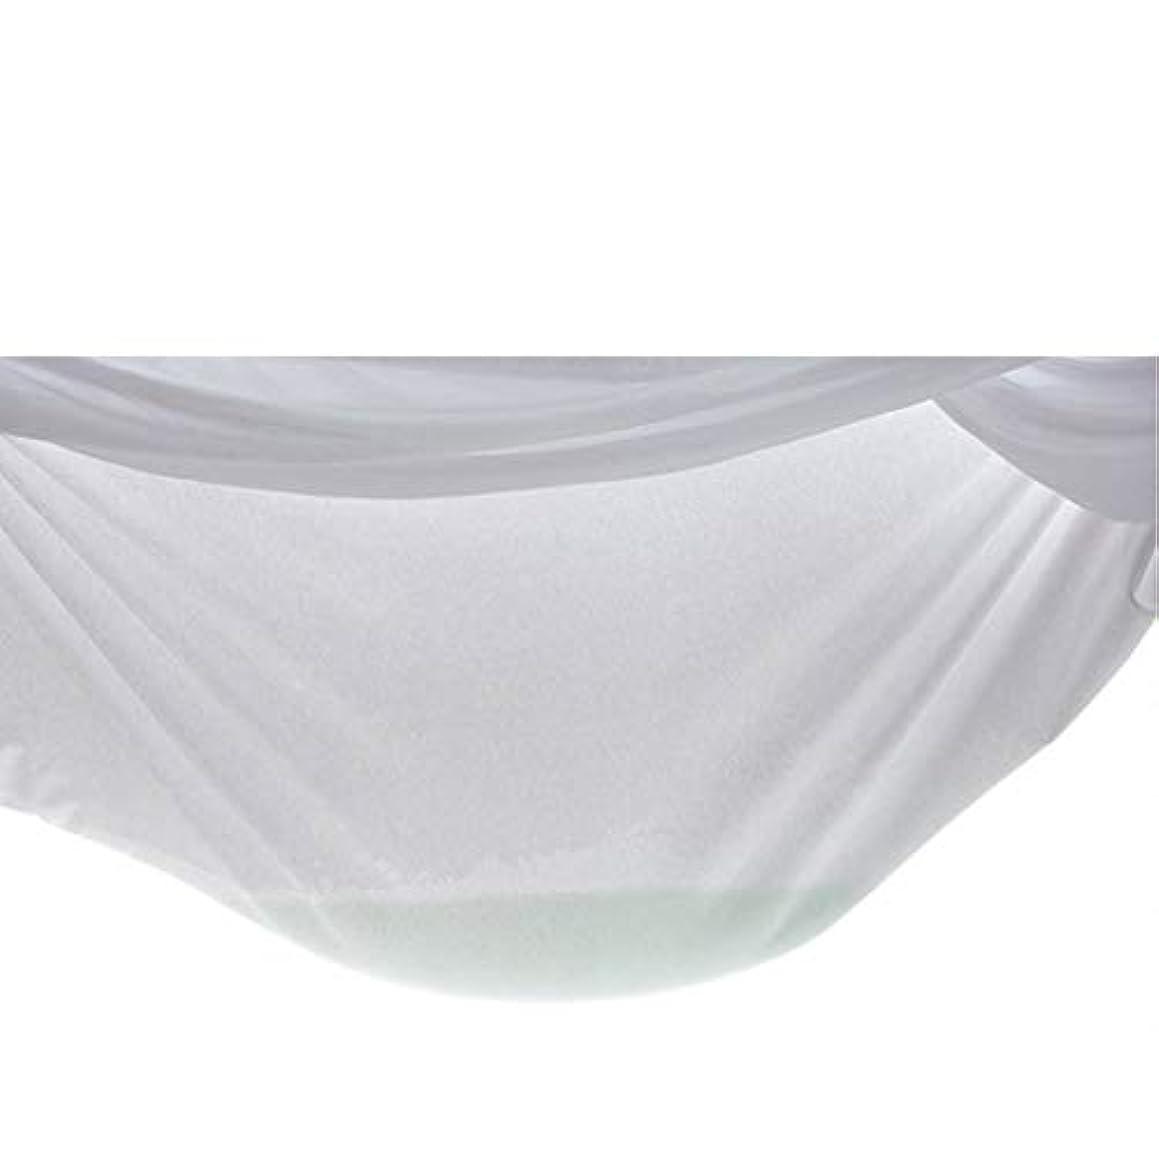 磁器緩める馬鹿防水ソリッドカラーベッドカバー家具ソファベッドダストカバー不織布不織布ダストカバー装飾大カバー-ホワイト60 * 120 + 10Cm